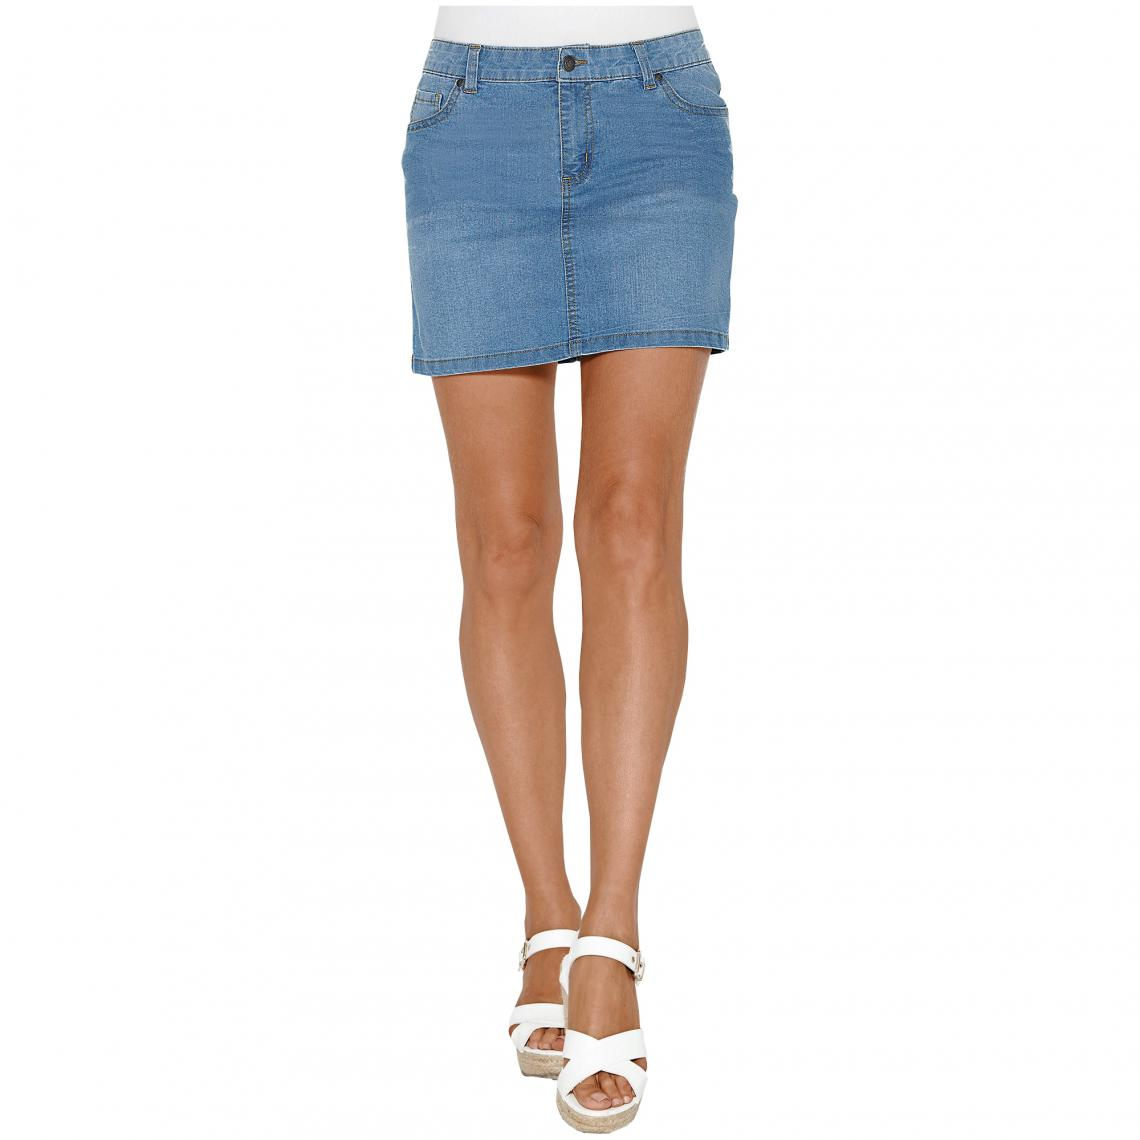 Jupe courte en jean coupe 5 poches - 3 SUISSES - Modalova